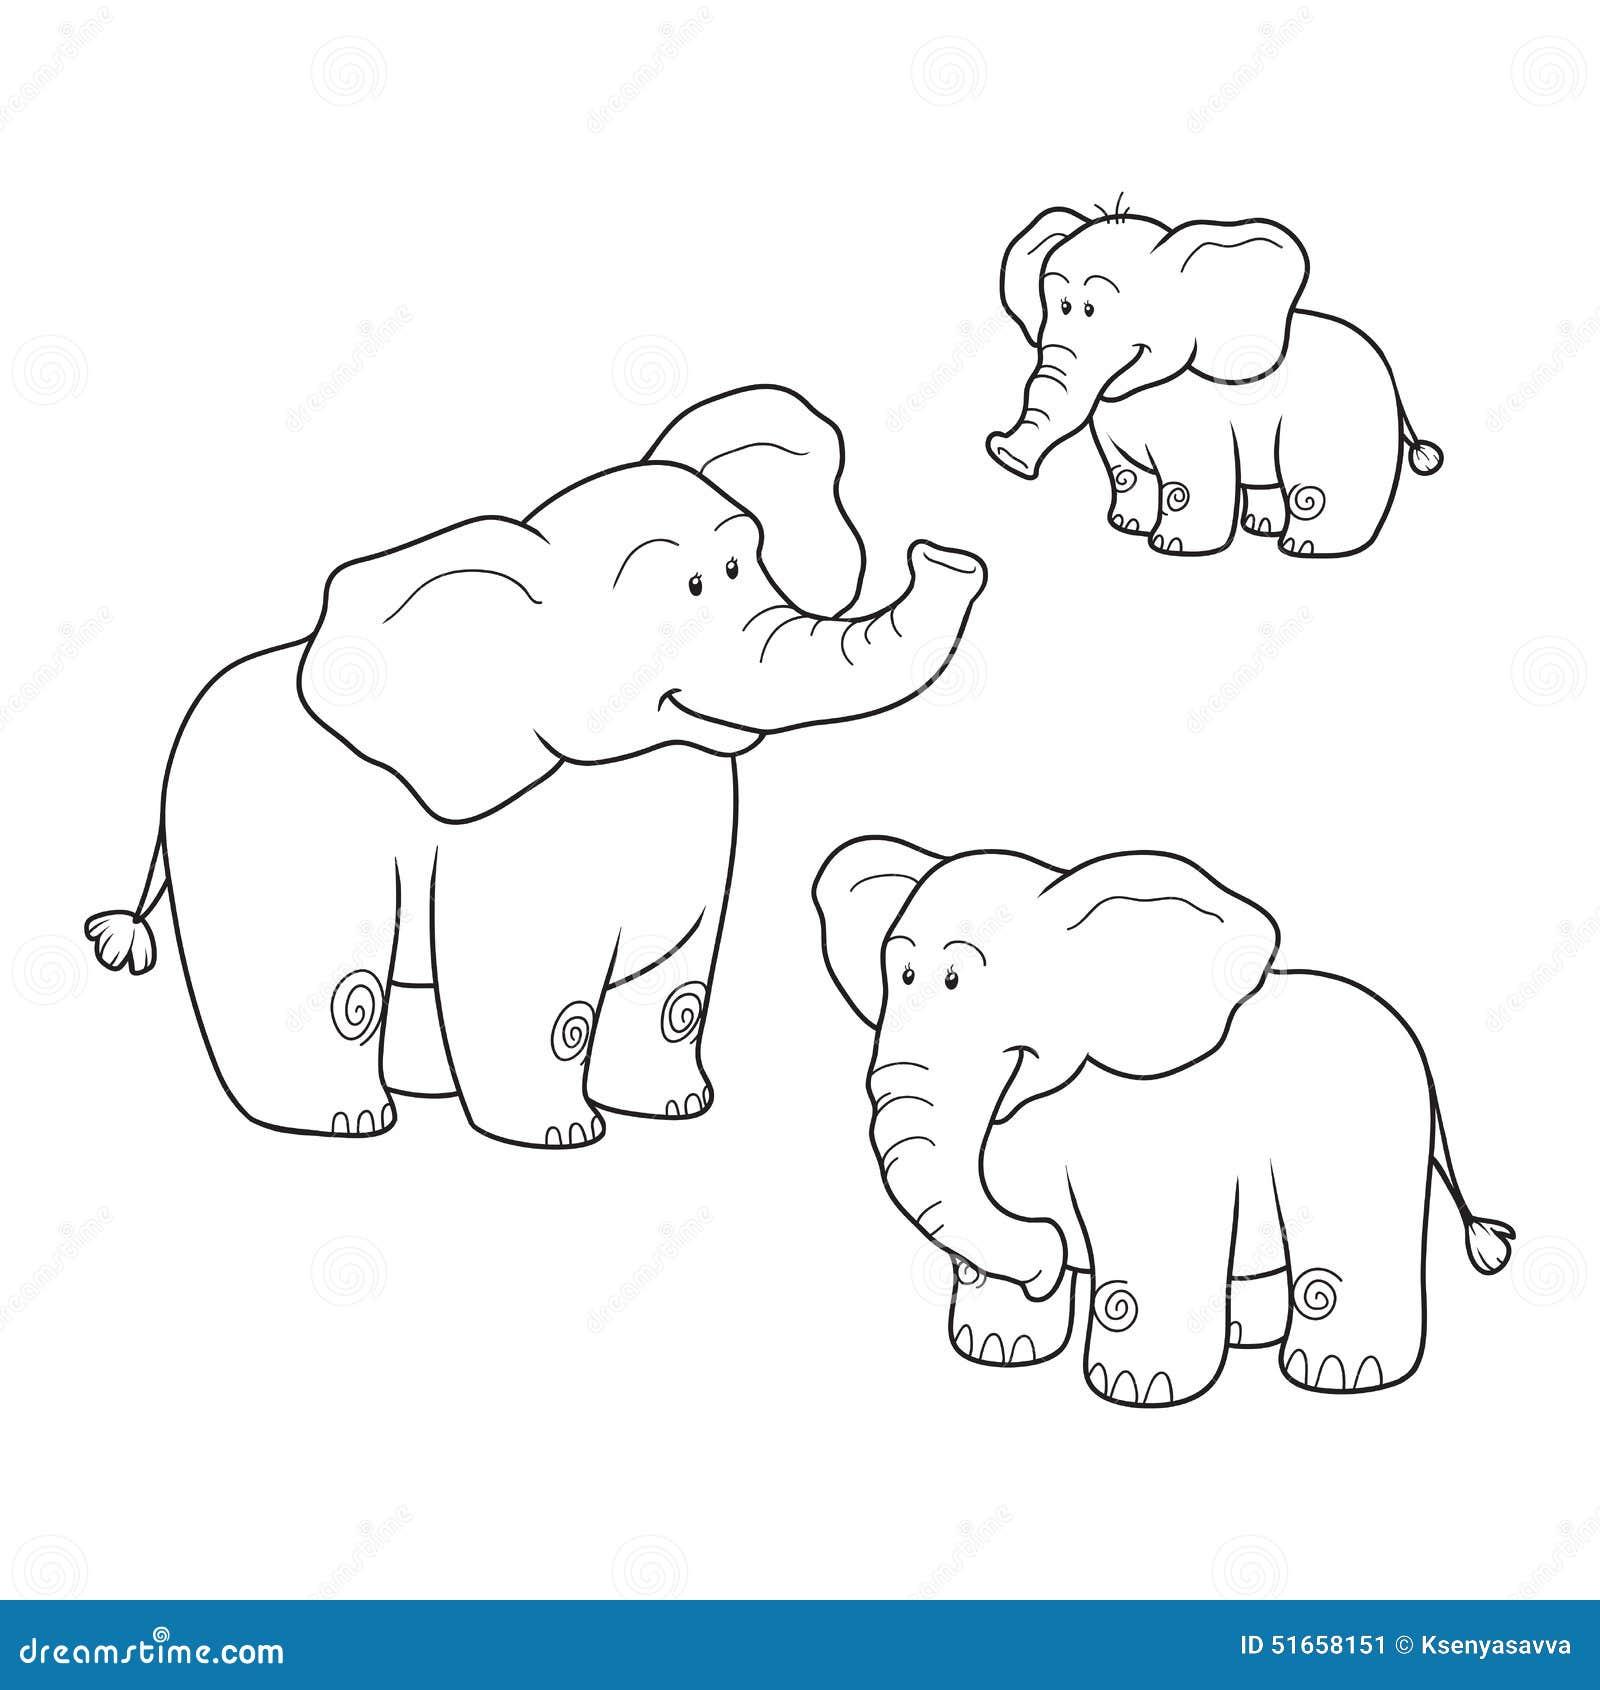 Coloriage Famille Elephant.Livre De Coloriage Elephants Illustration De Vecteur